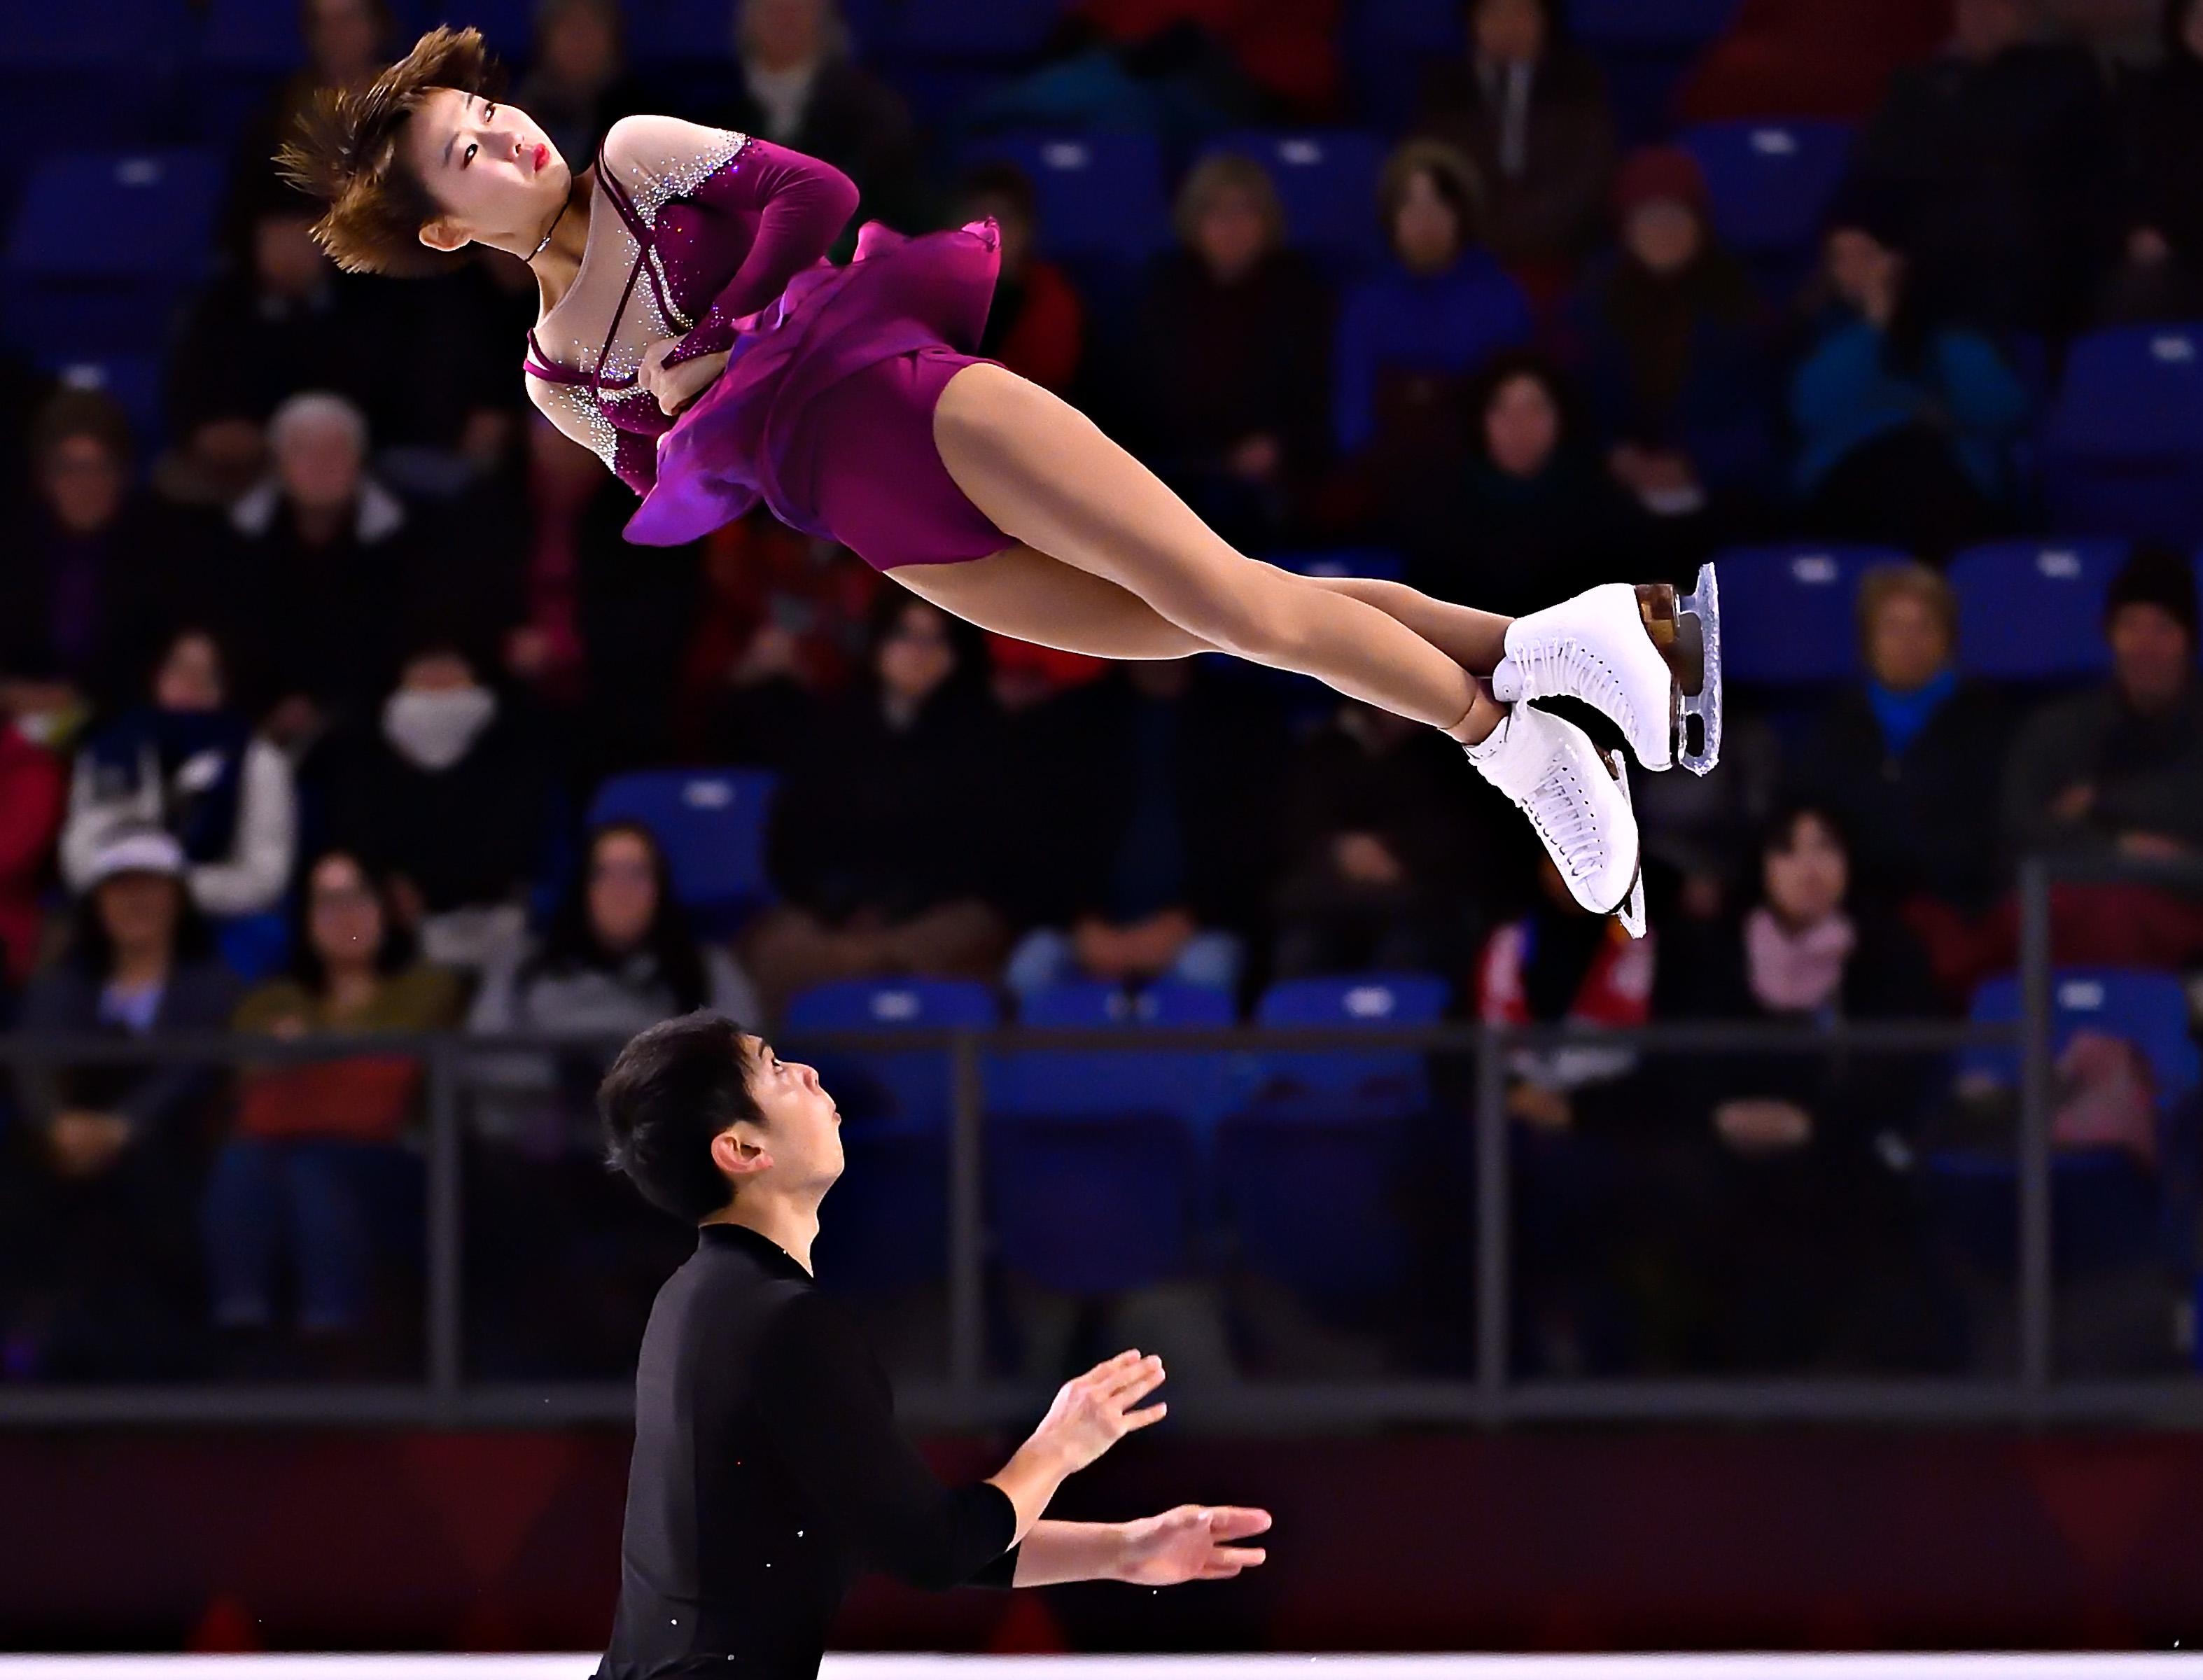 花样滑冰——大奖赛总决赛:彭程/金杨获双人滑亚军